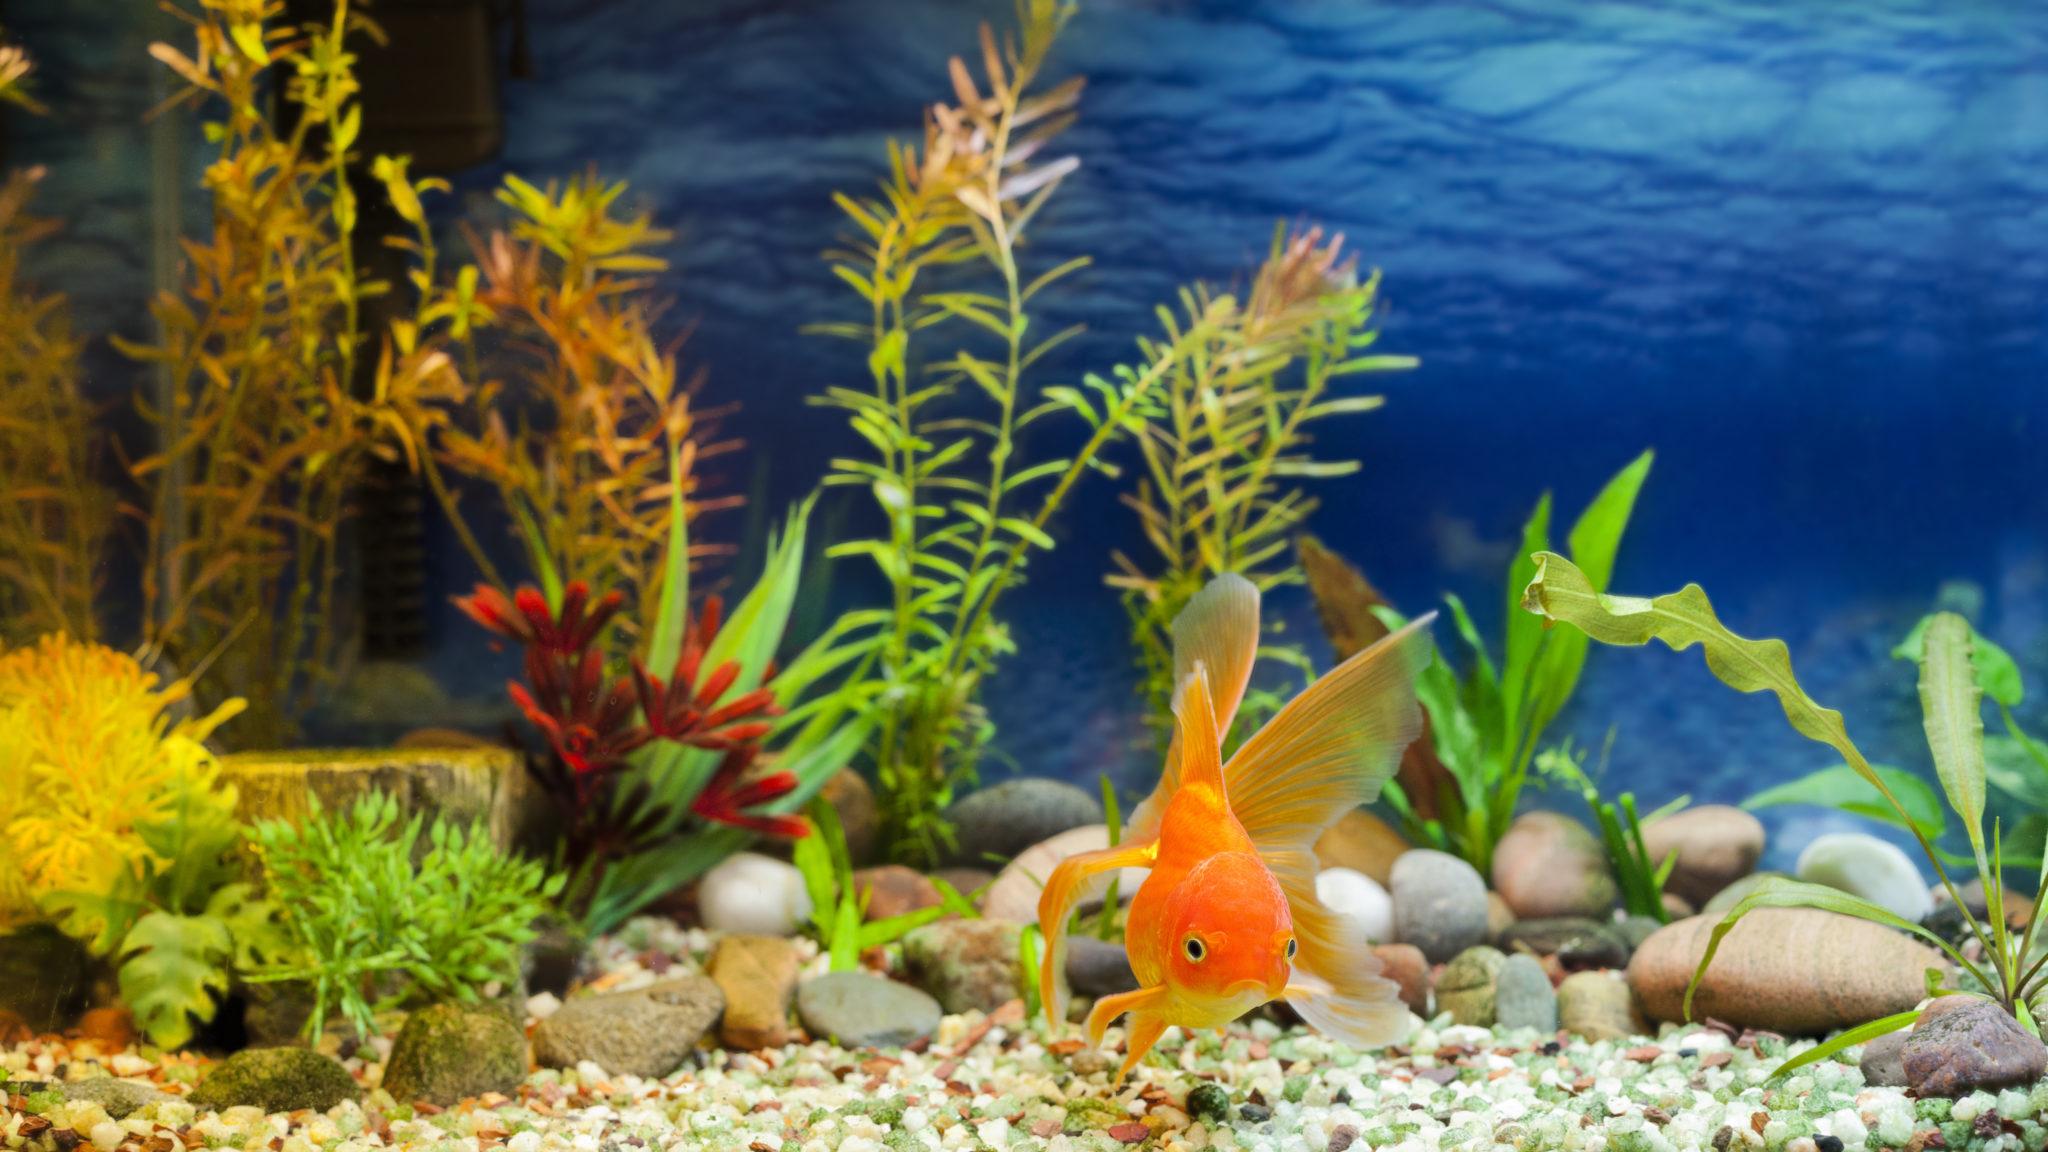 fischkrankheiten im aquarium ursachen symptome und behandlungsm glichkeiten. Black Bedroom Furniture Sets. Home Design Ideas